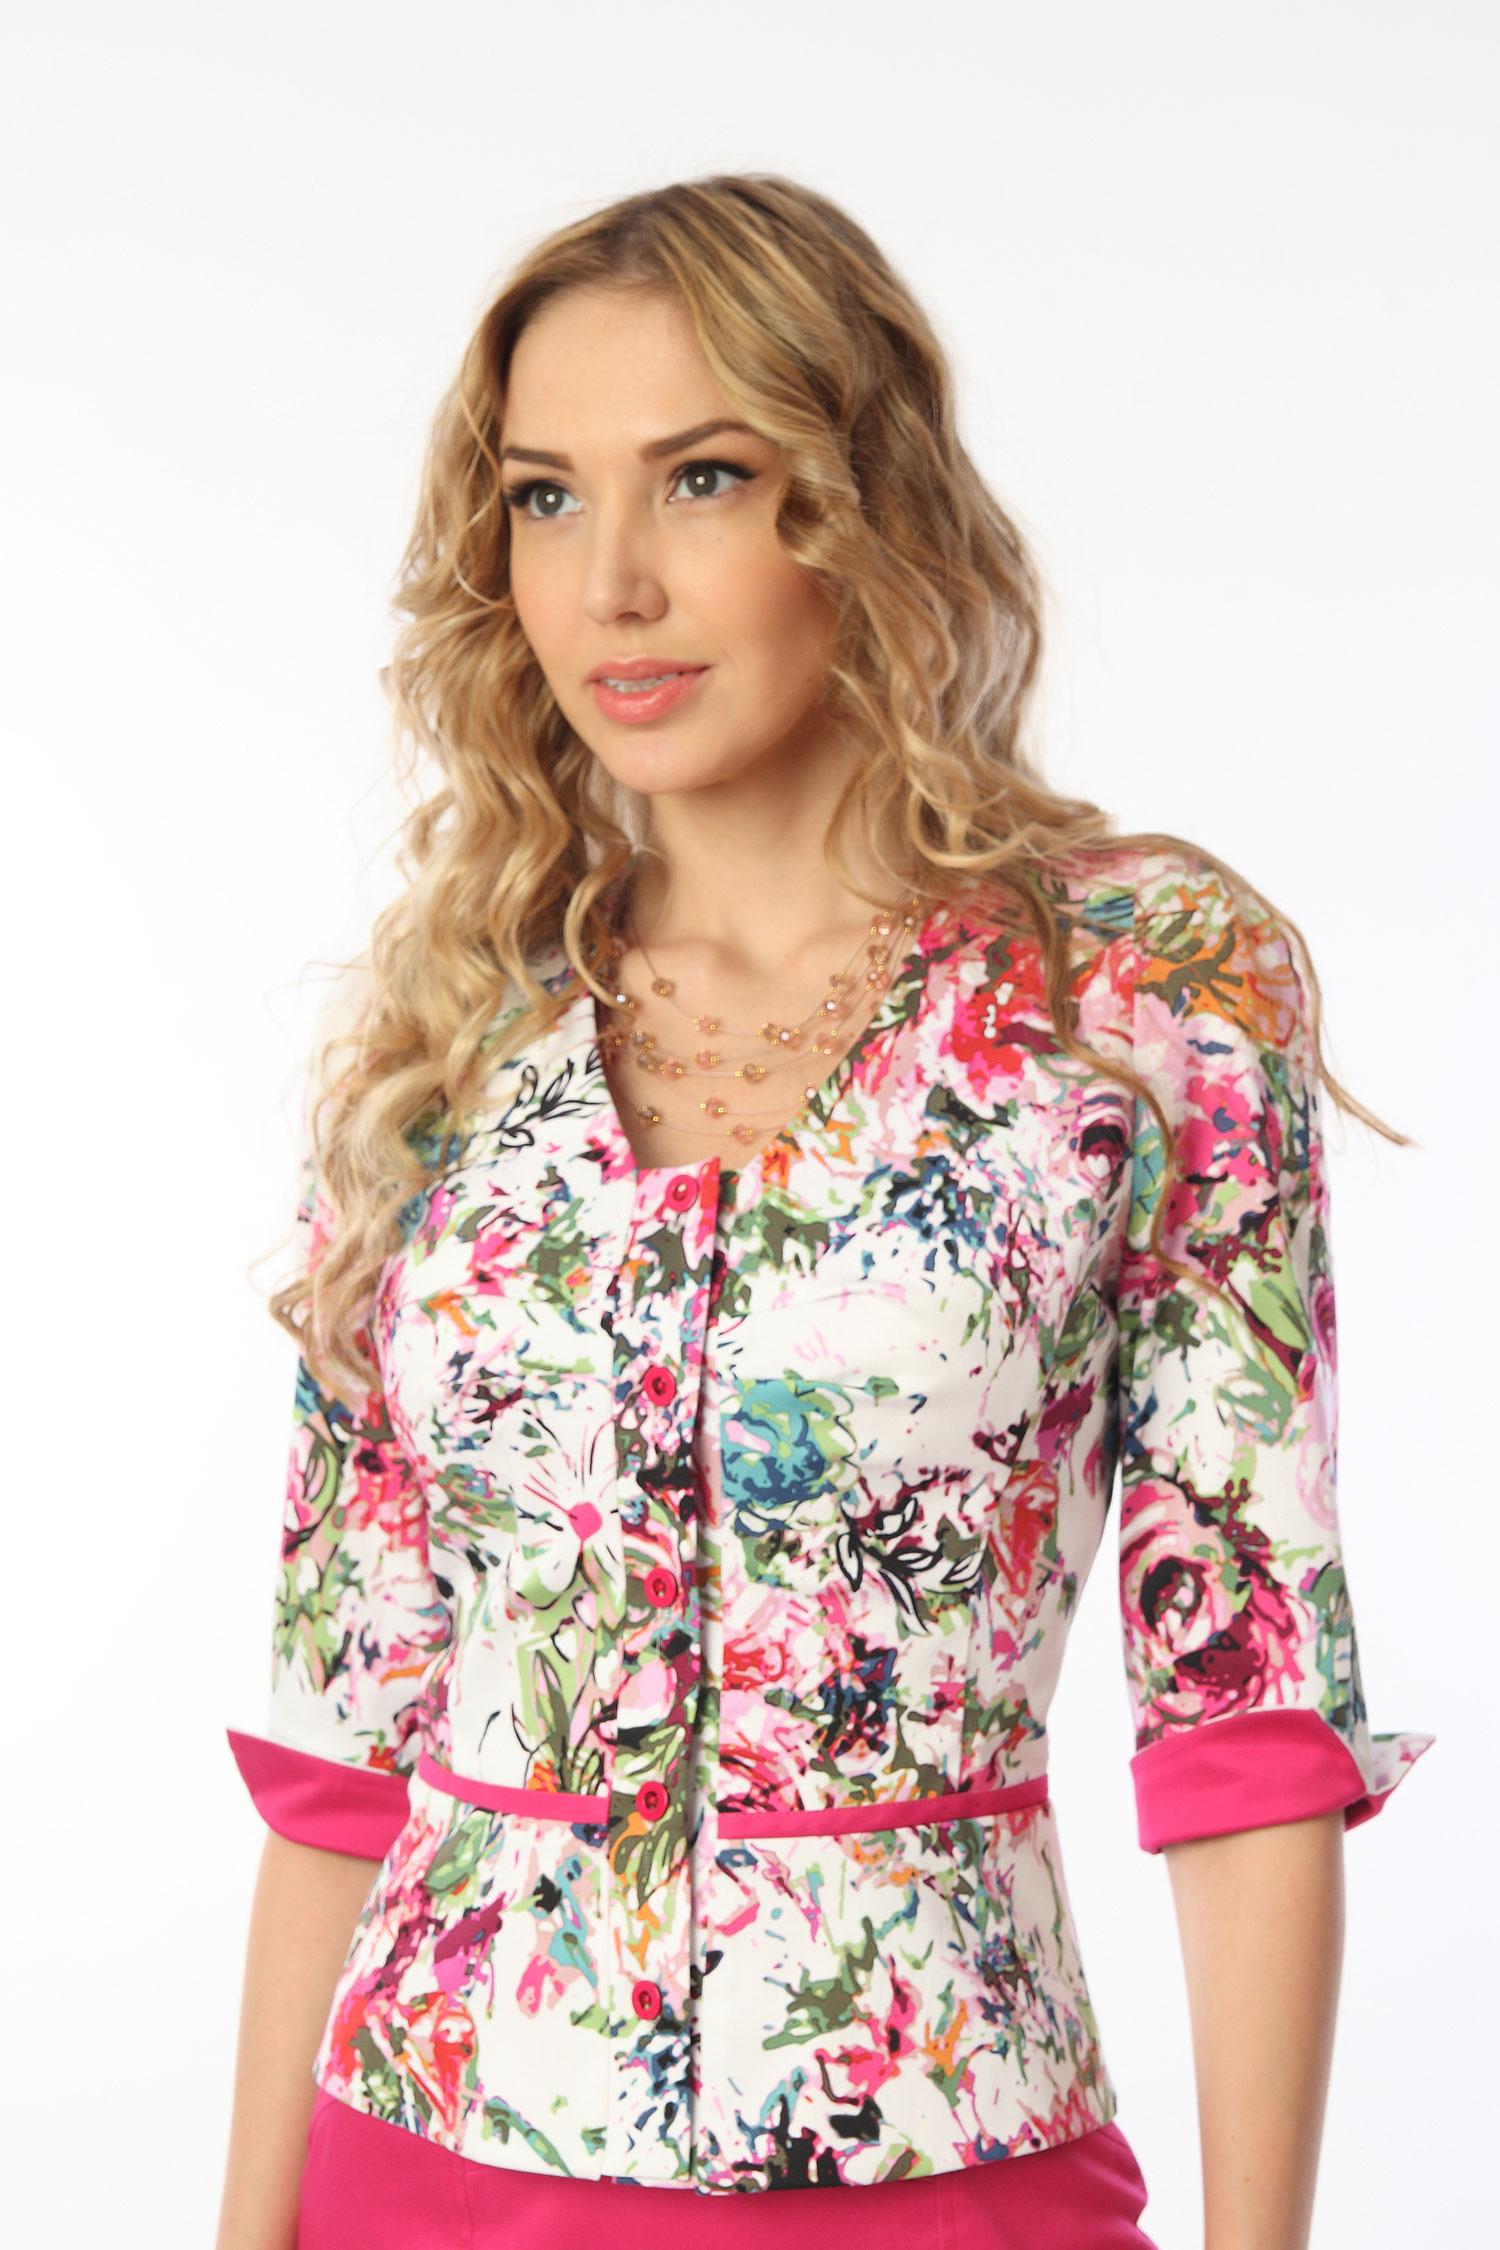 В#миn@-c)т) популярная женская одежда демократичного ценового сегмента от знаменитого дома моды класса люкс